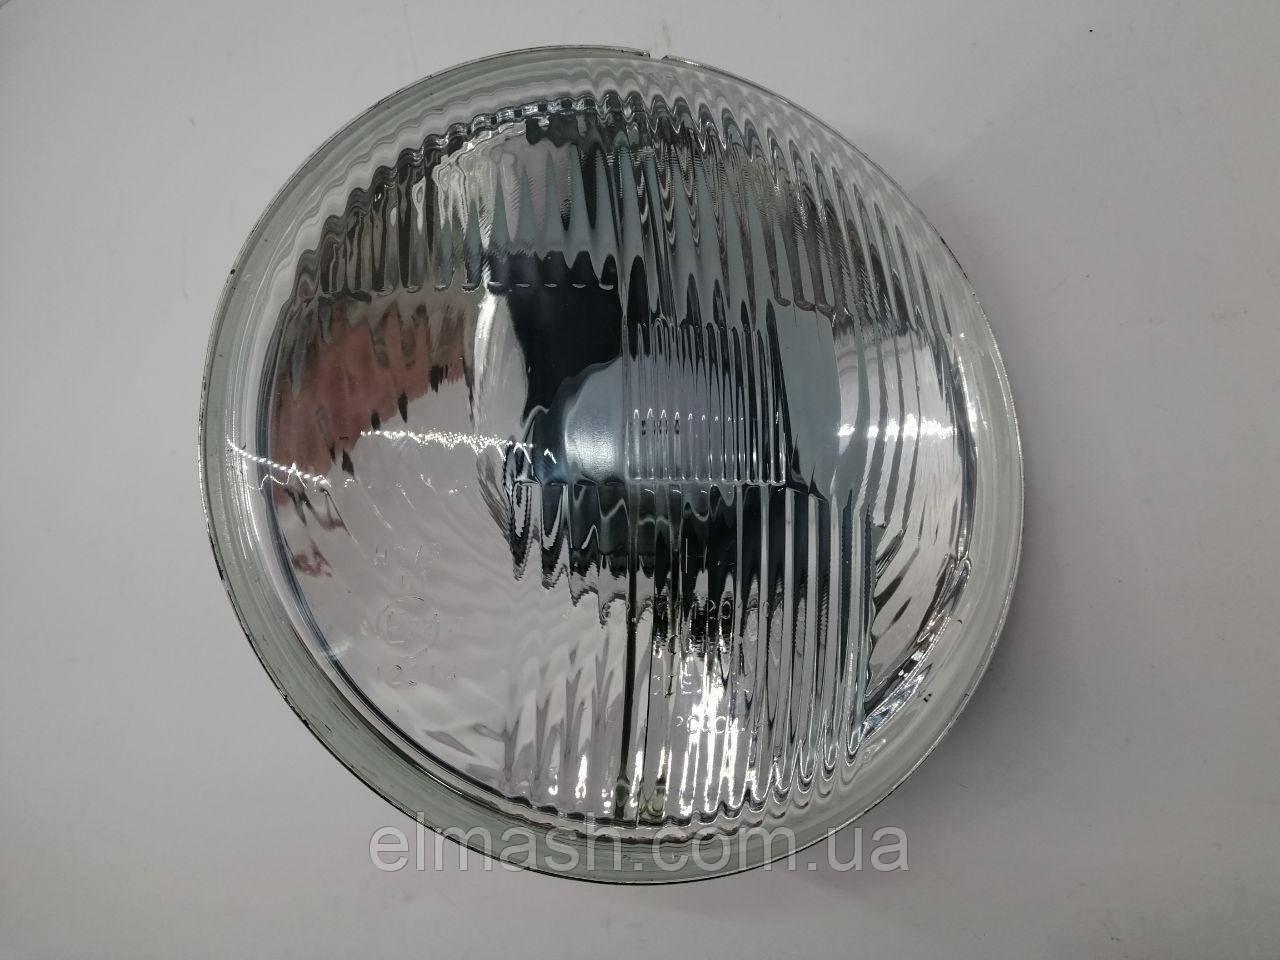 Фара левая/правая H4 (стекло+отражатель) с подсветкой, с экраном лампы ВАЗ 2101,-02,-21 (пр-во ОСВАР)